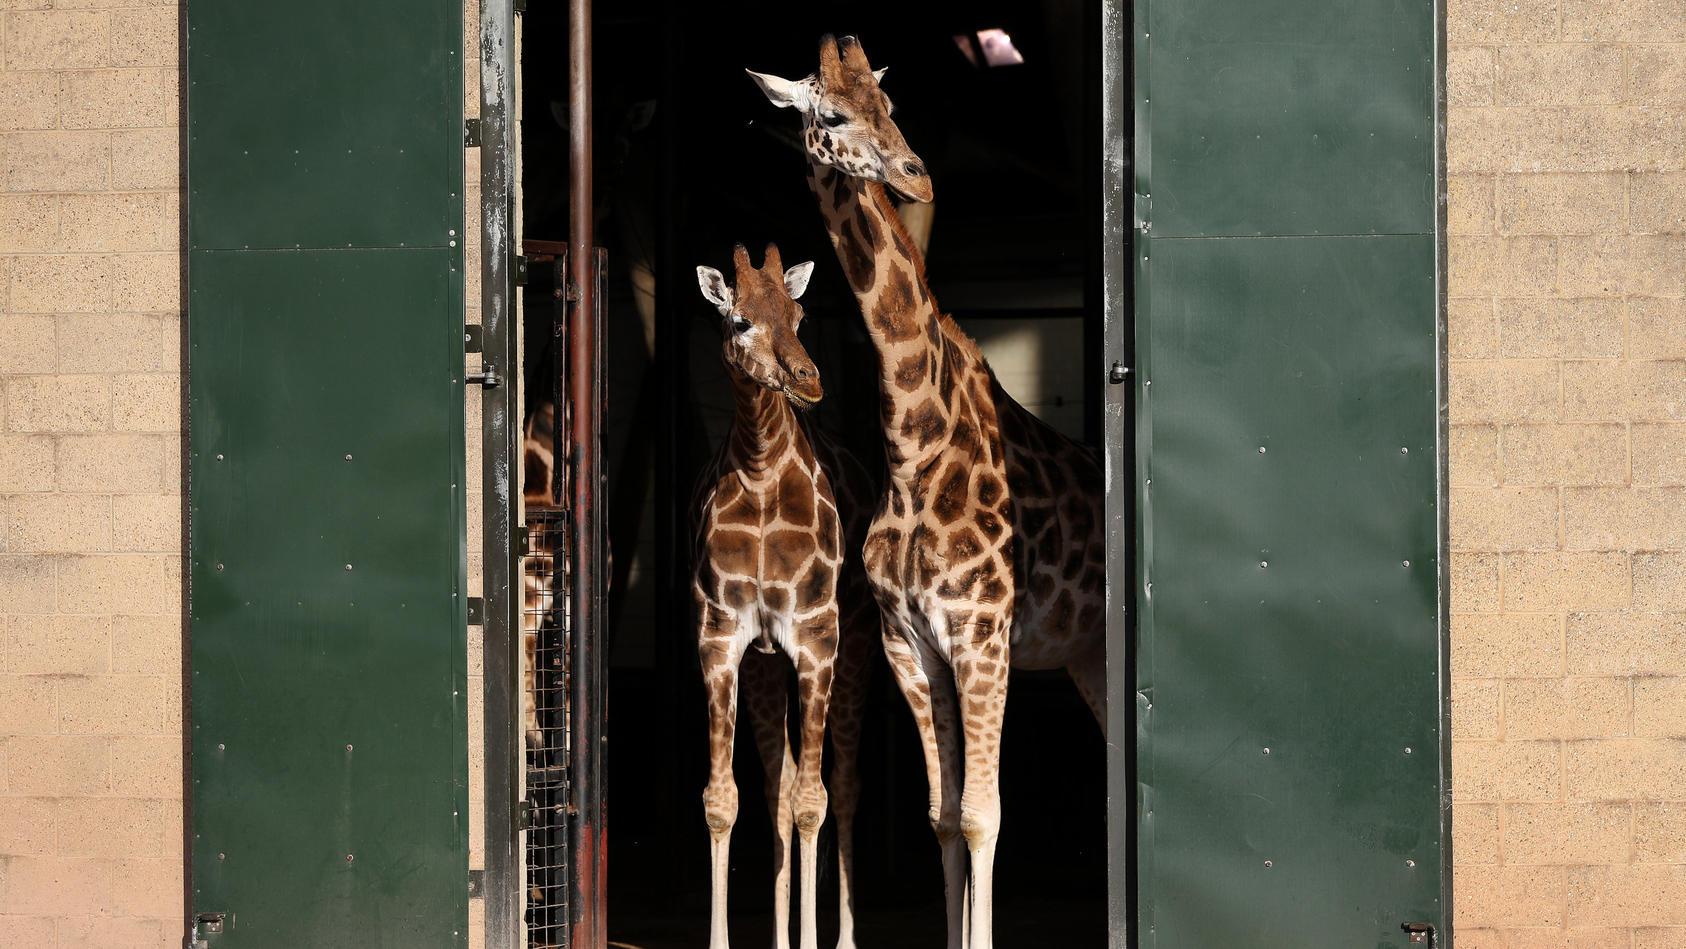 Mehrere Täter haben die Tiere im Marwell Zoo mit Flaschen und Steinen beworfen.